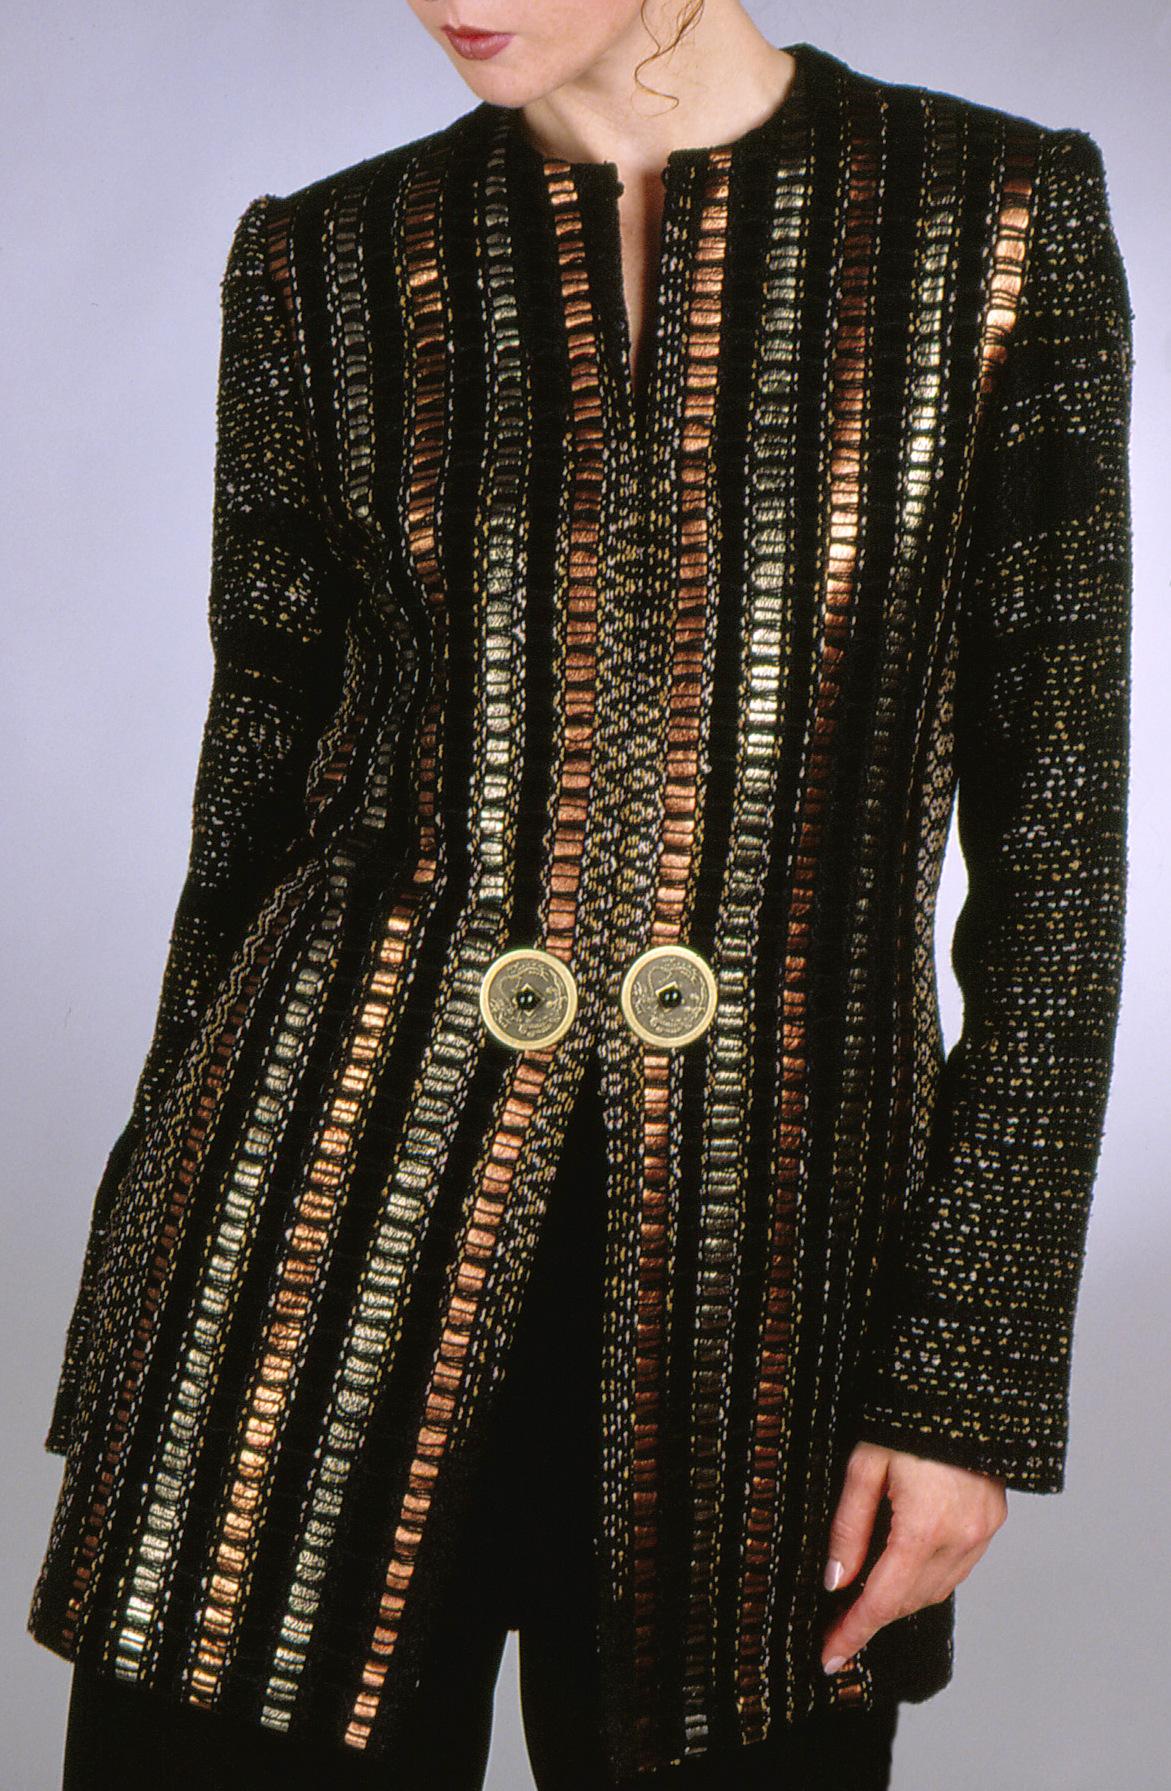 Handwoven Jacket, Business Apparel, Kathleen Weir-West 6.jpg